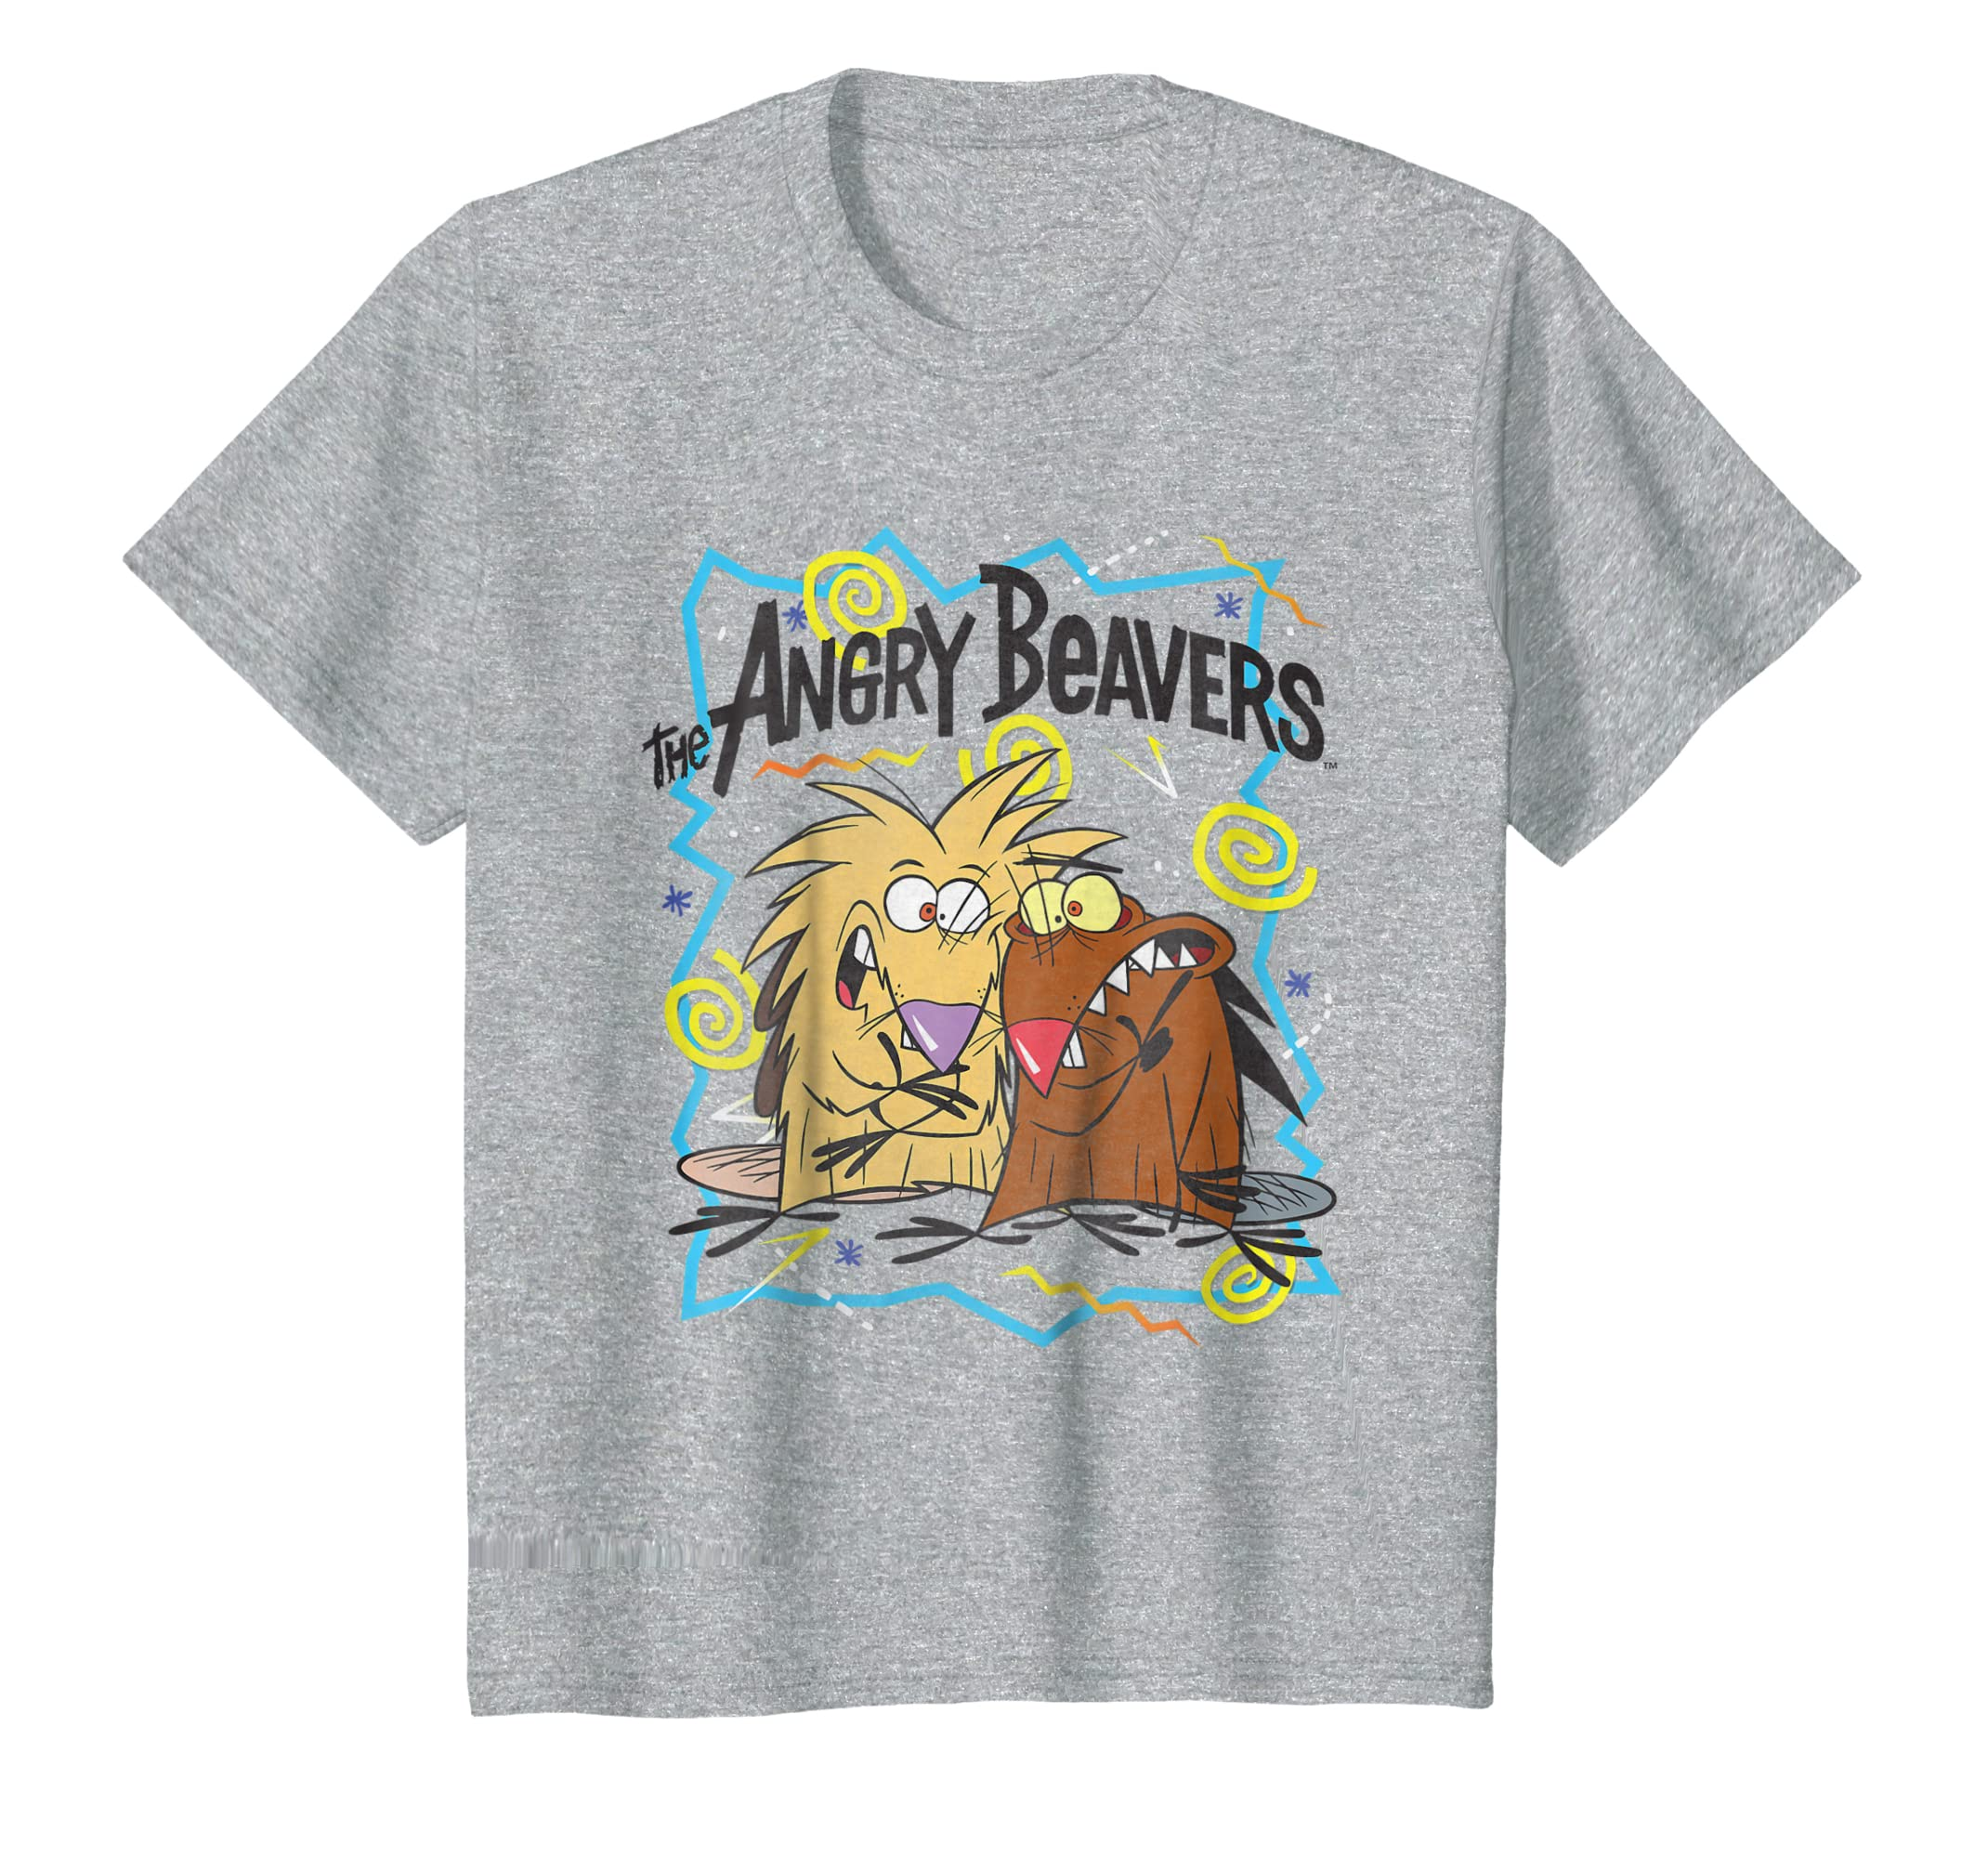 cc8c9c83f30 Amazon.com  Nickelodeon The Angry Beavers Insane Humorous T-Shirt  Clothing